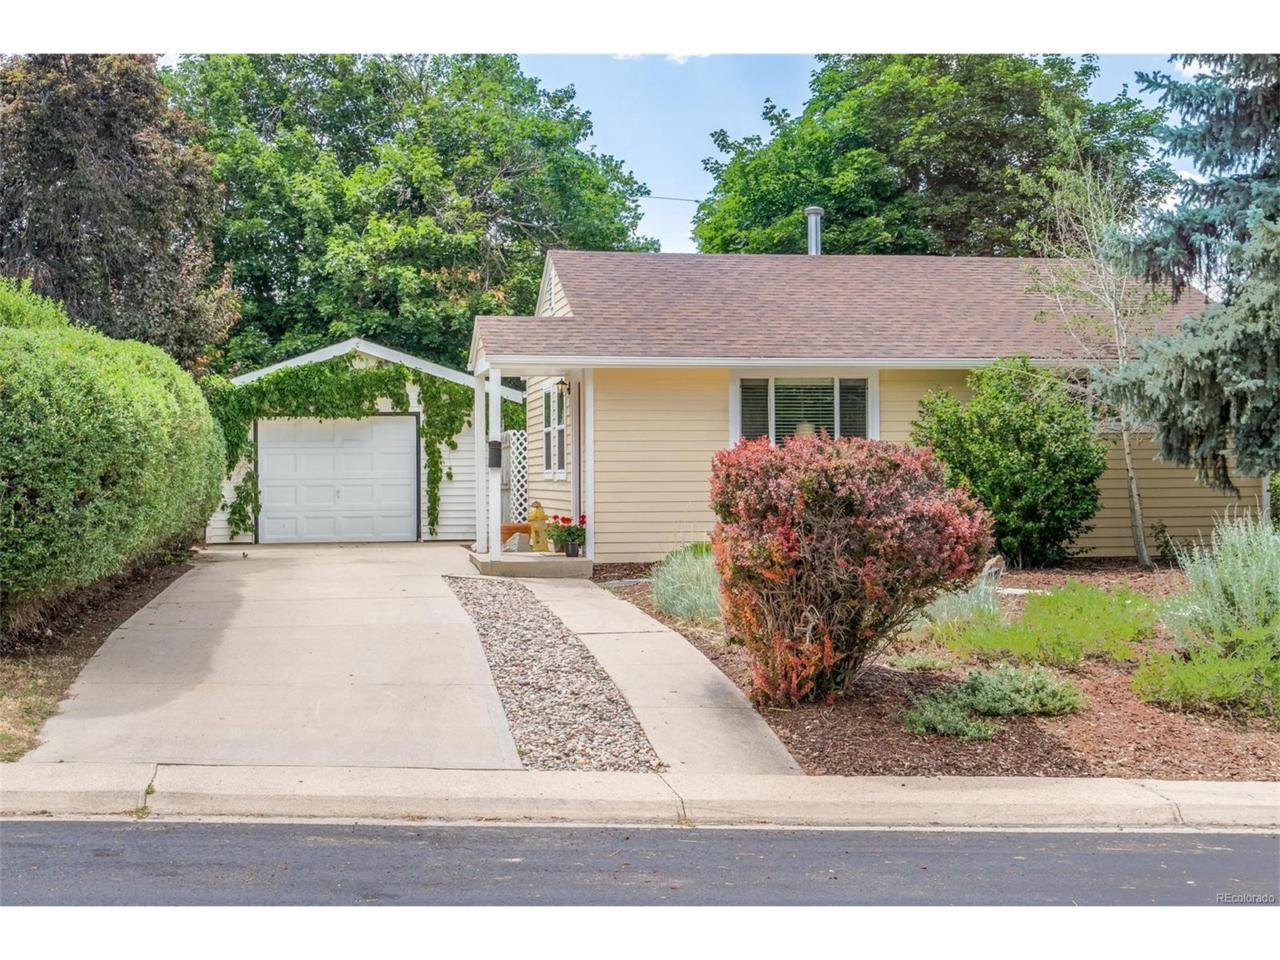 1715 S Vallejo Street, Denver, CO 80223 (MLS #5954988) :: 8z Real Estate